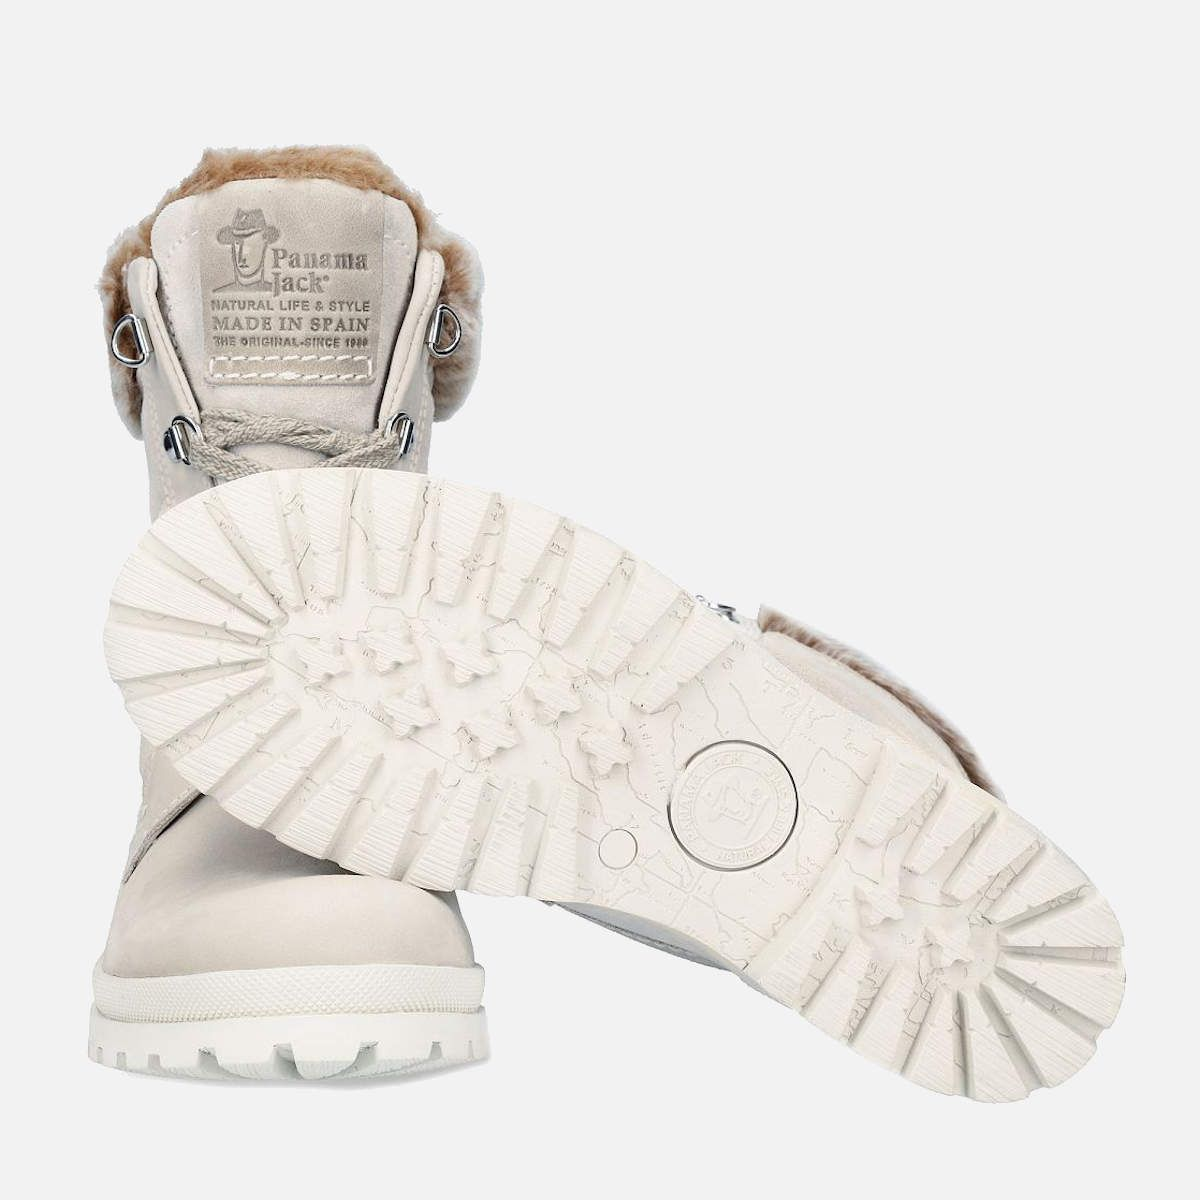 Panama Jack Tuscani B11 Ice Fur Lined Ladies Boots